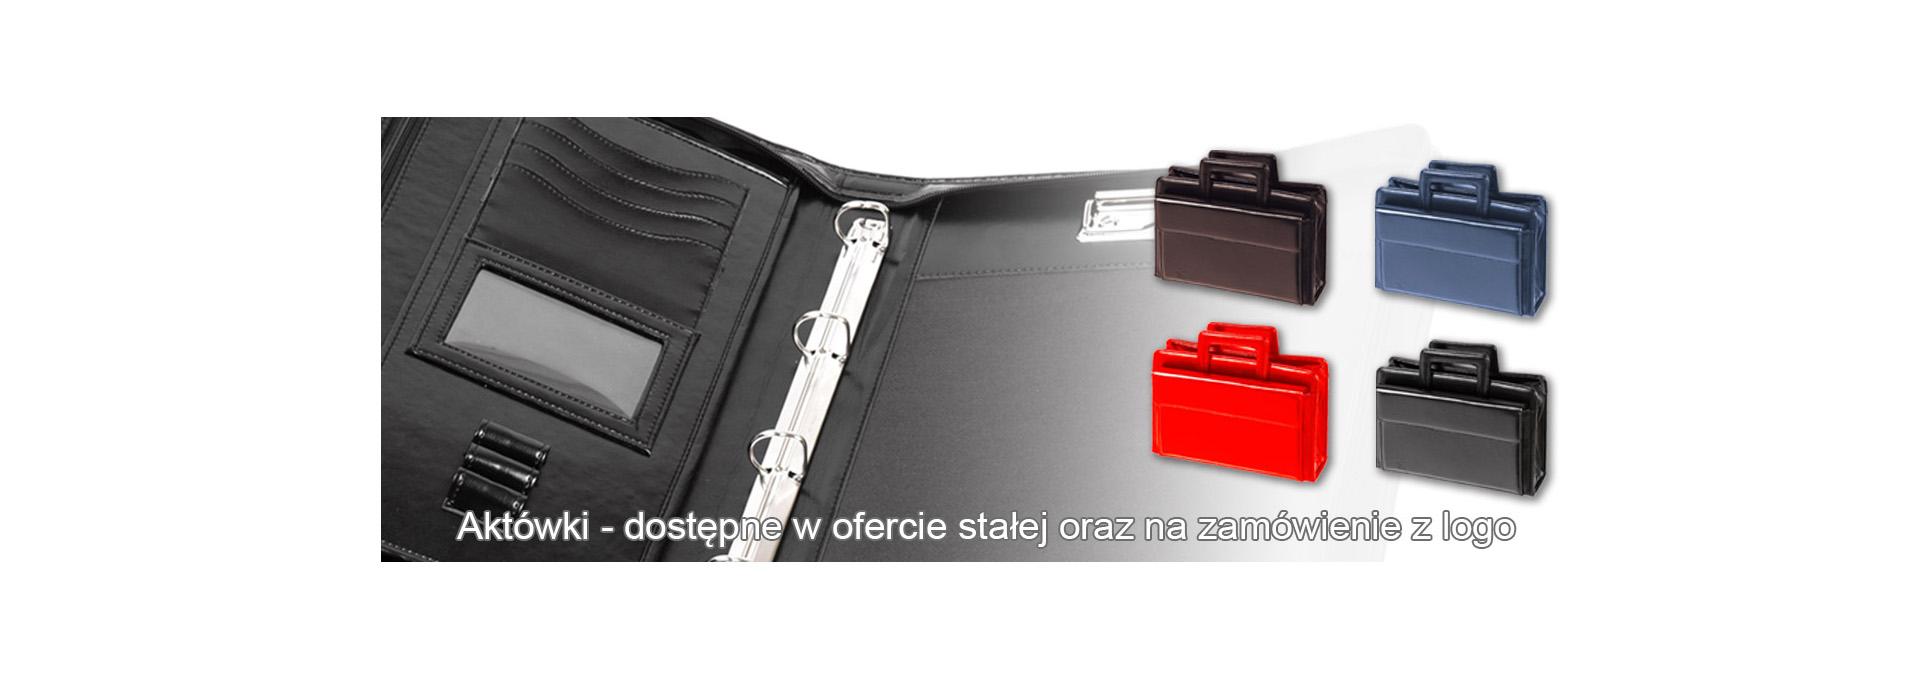 https://janpolbis.pl//images/banners/baner1-kolorv2.jpg